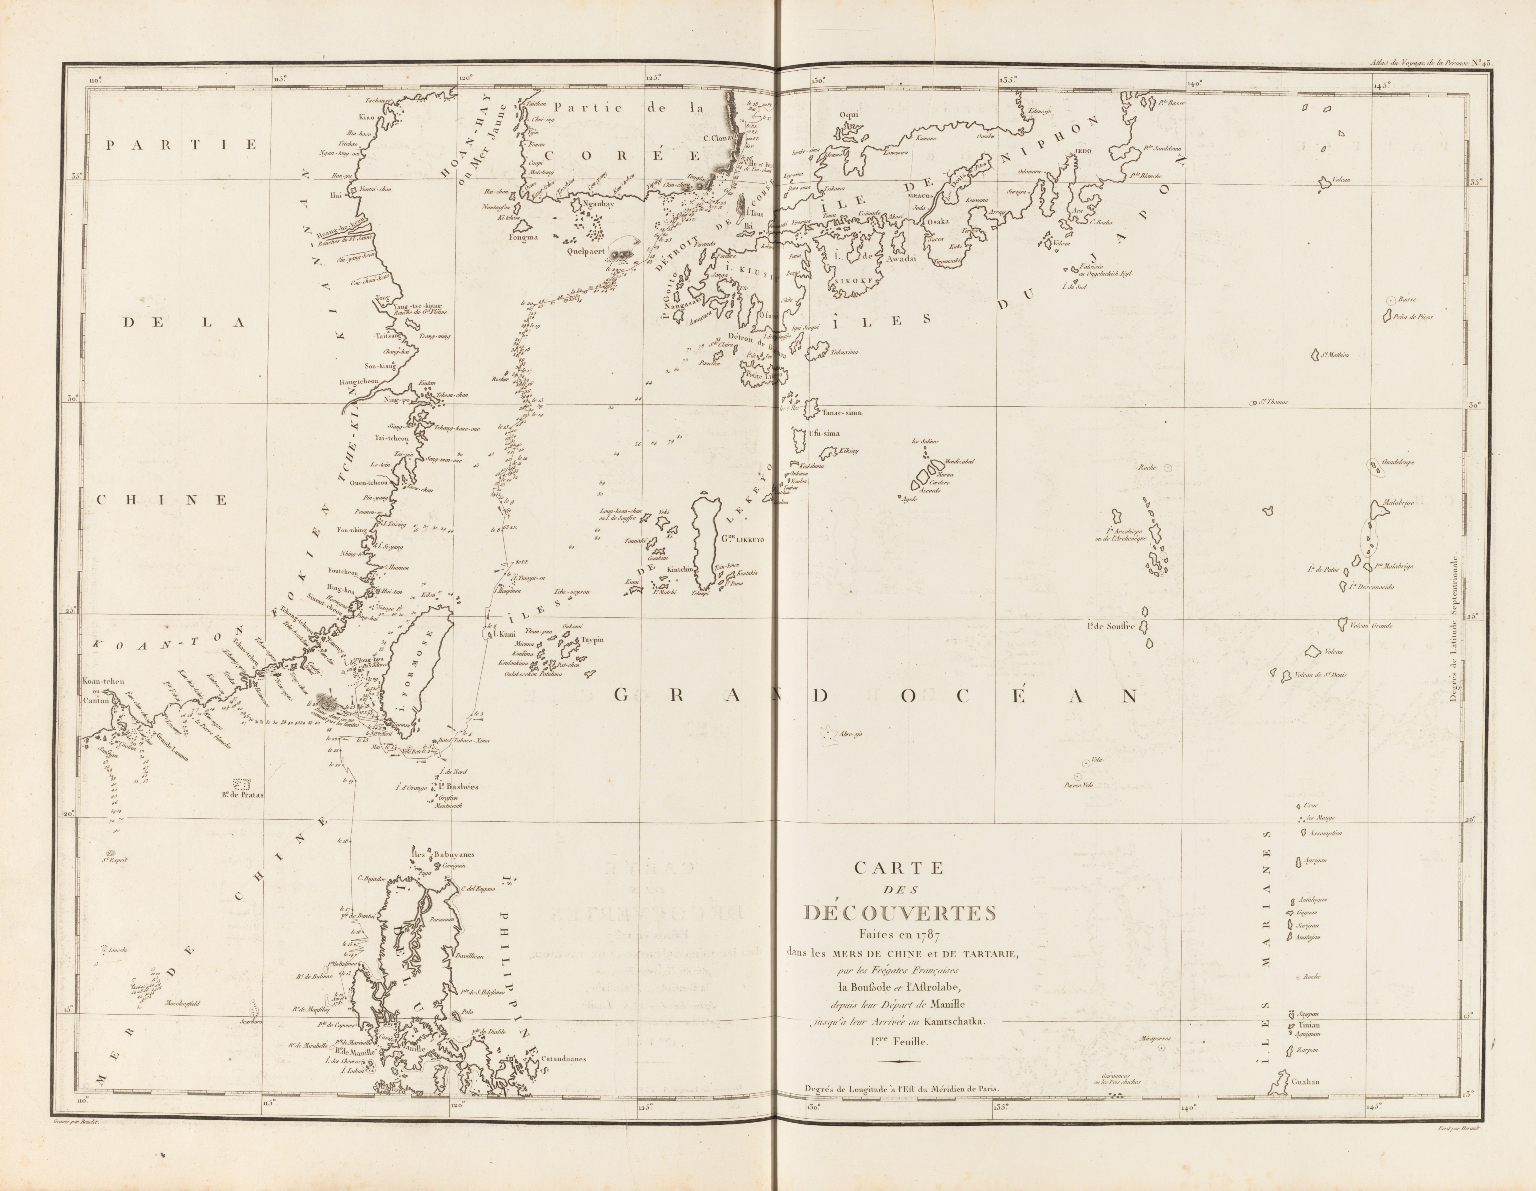 Carte des découvertes faites en 1787 dans les mers de Chine et de Tartarie : par les frégates françaises la Boussole et l'Astrolabe, depuis leur départ de Manille jusqu'à leur arrivée au Kamtschatka